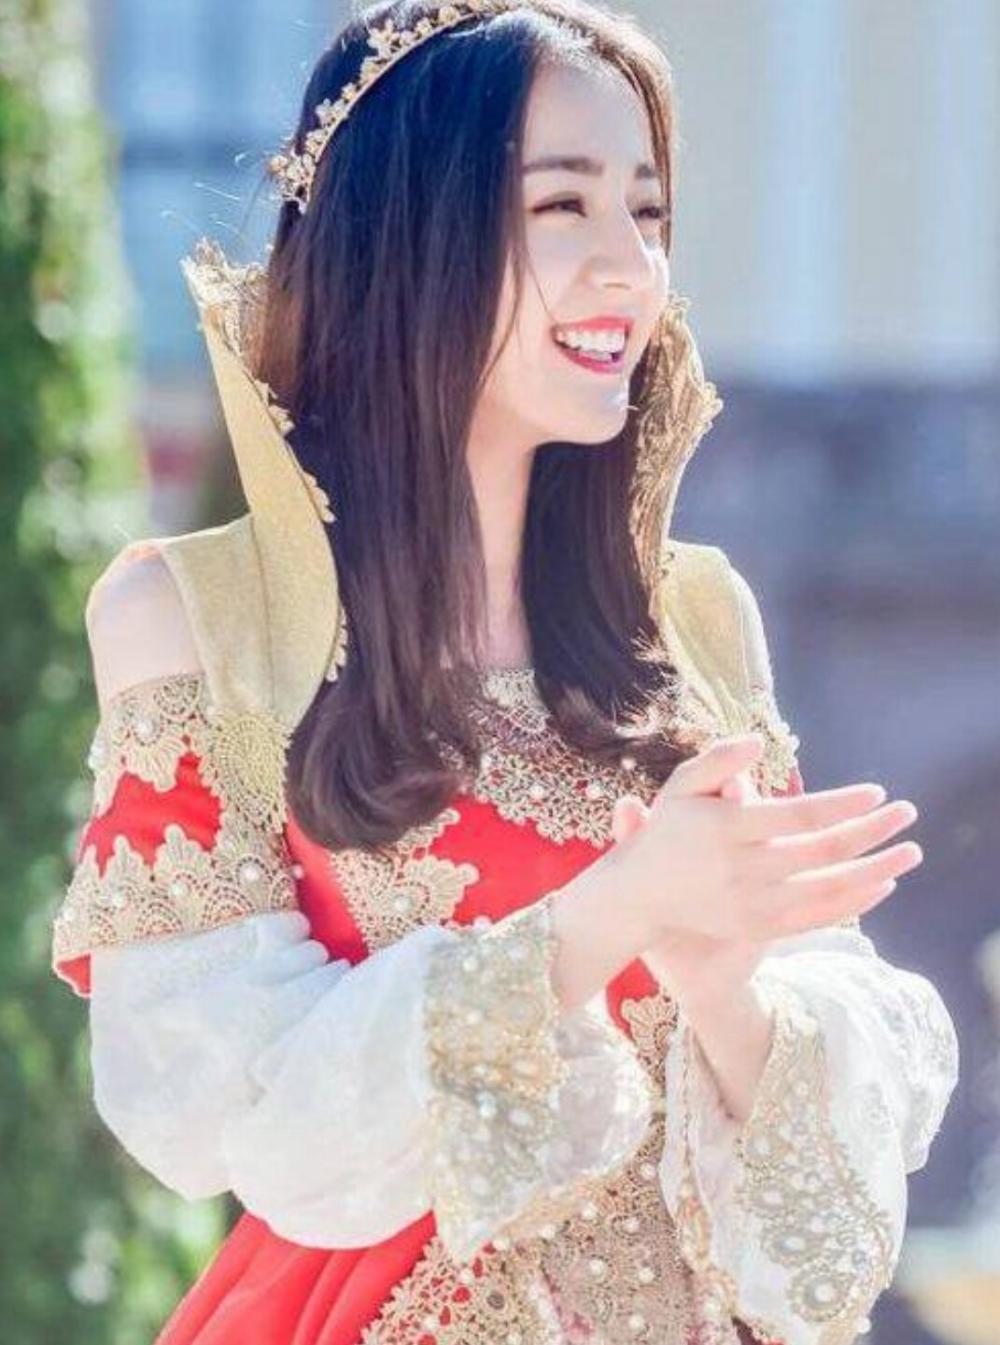 盘点女星的公主造型:热巴美翻了,谢娜变身蒙古公主,最后一位最美!